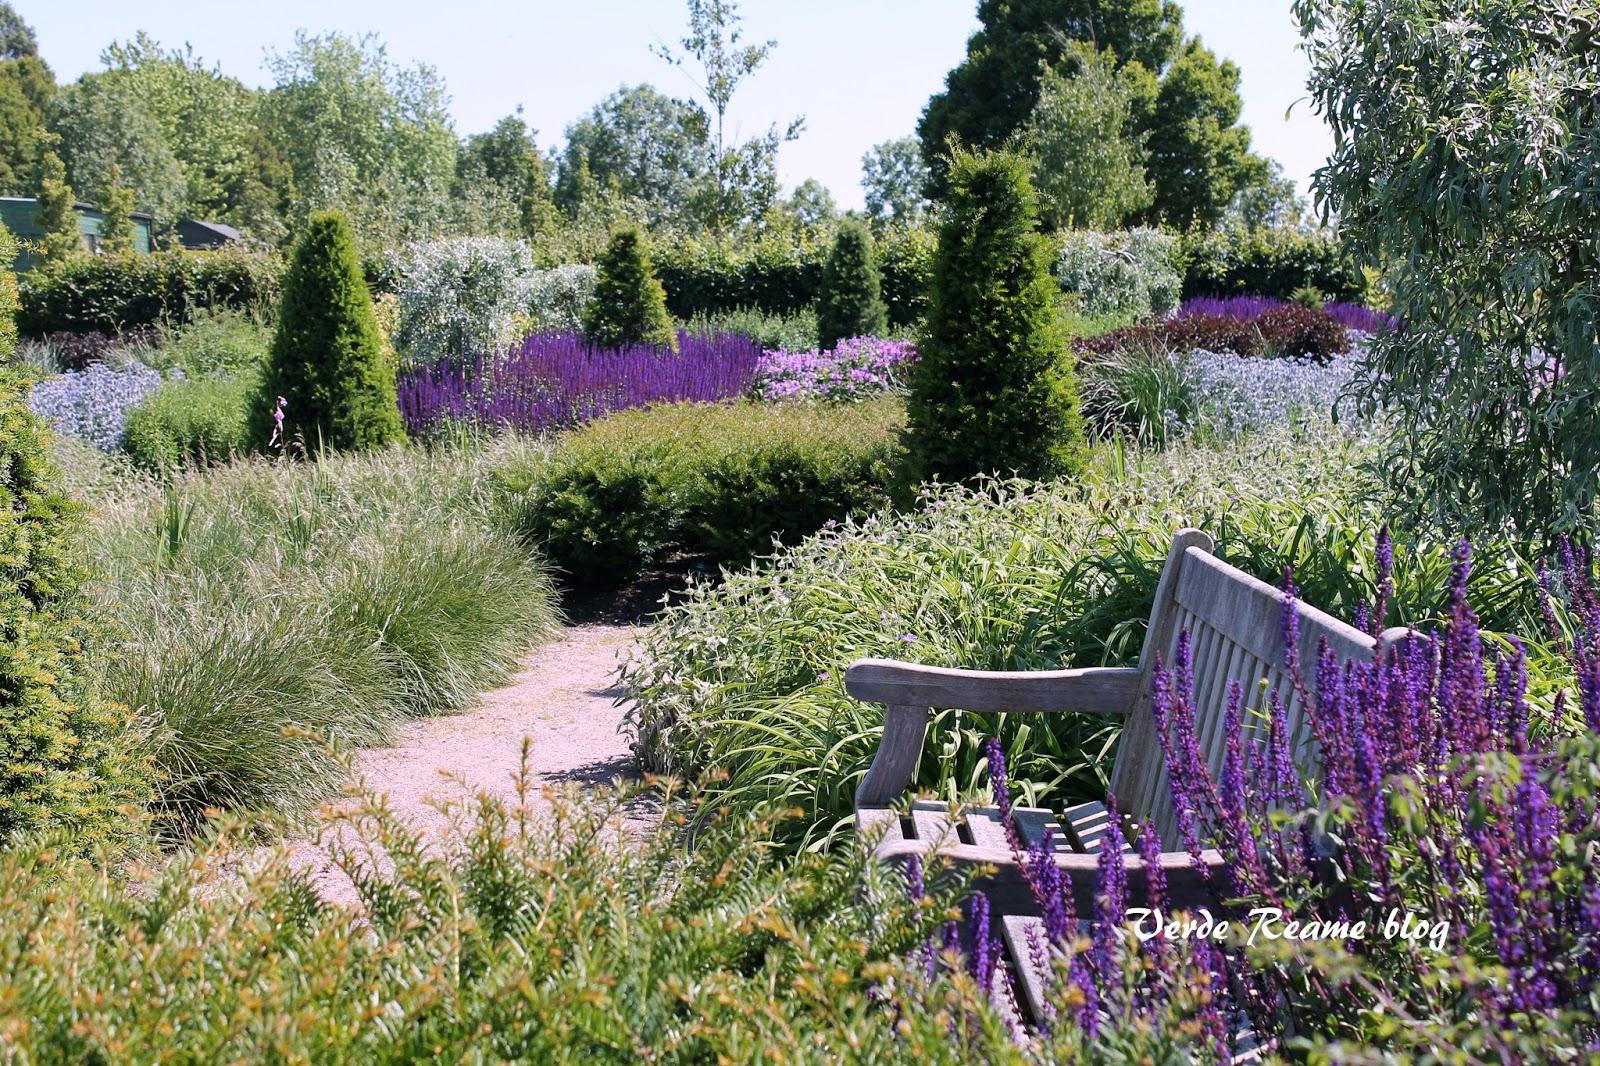 Verde reame nel circuito dei giardini della rhs hyde hall for Giardini inglesi